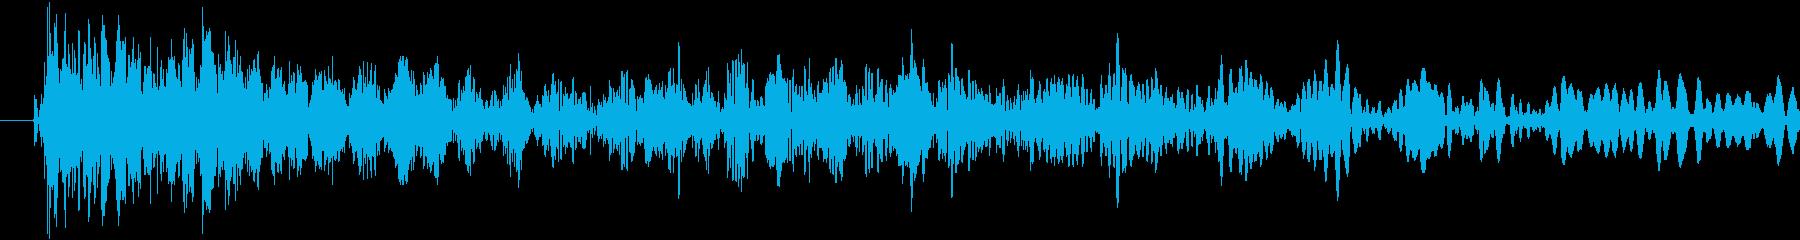 エアマックスストップの再生済みの波形